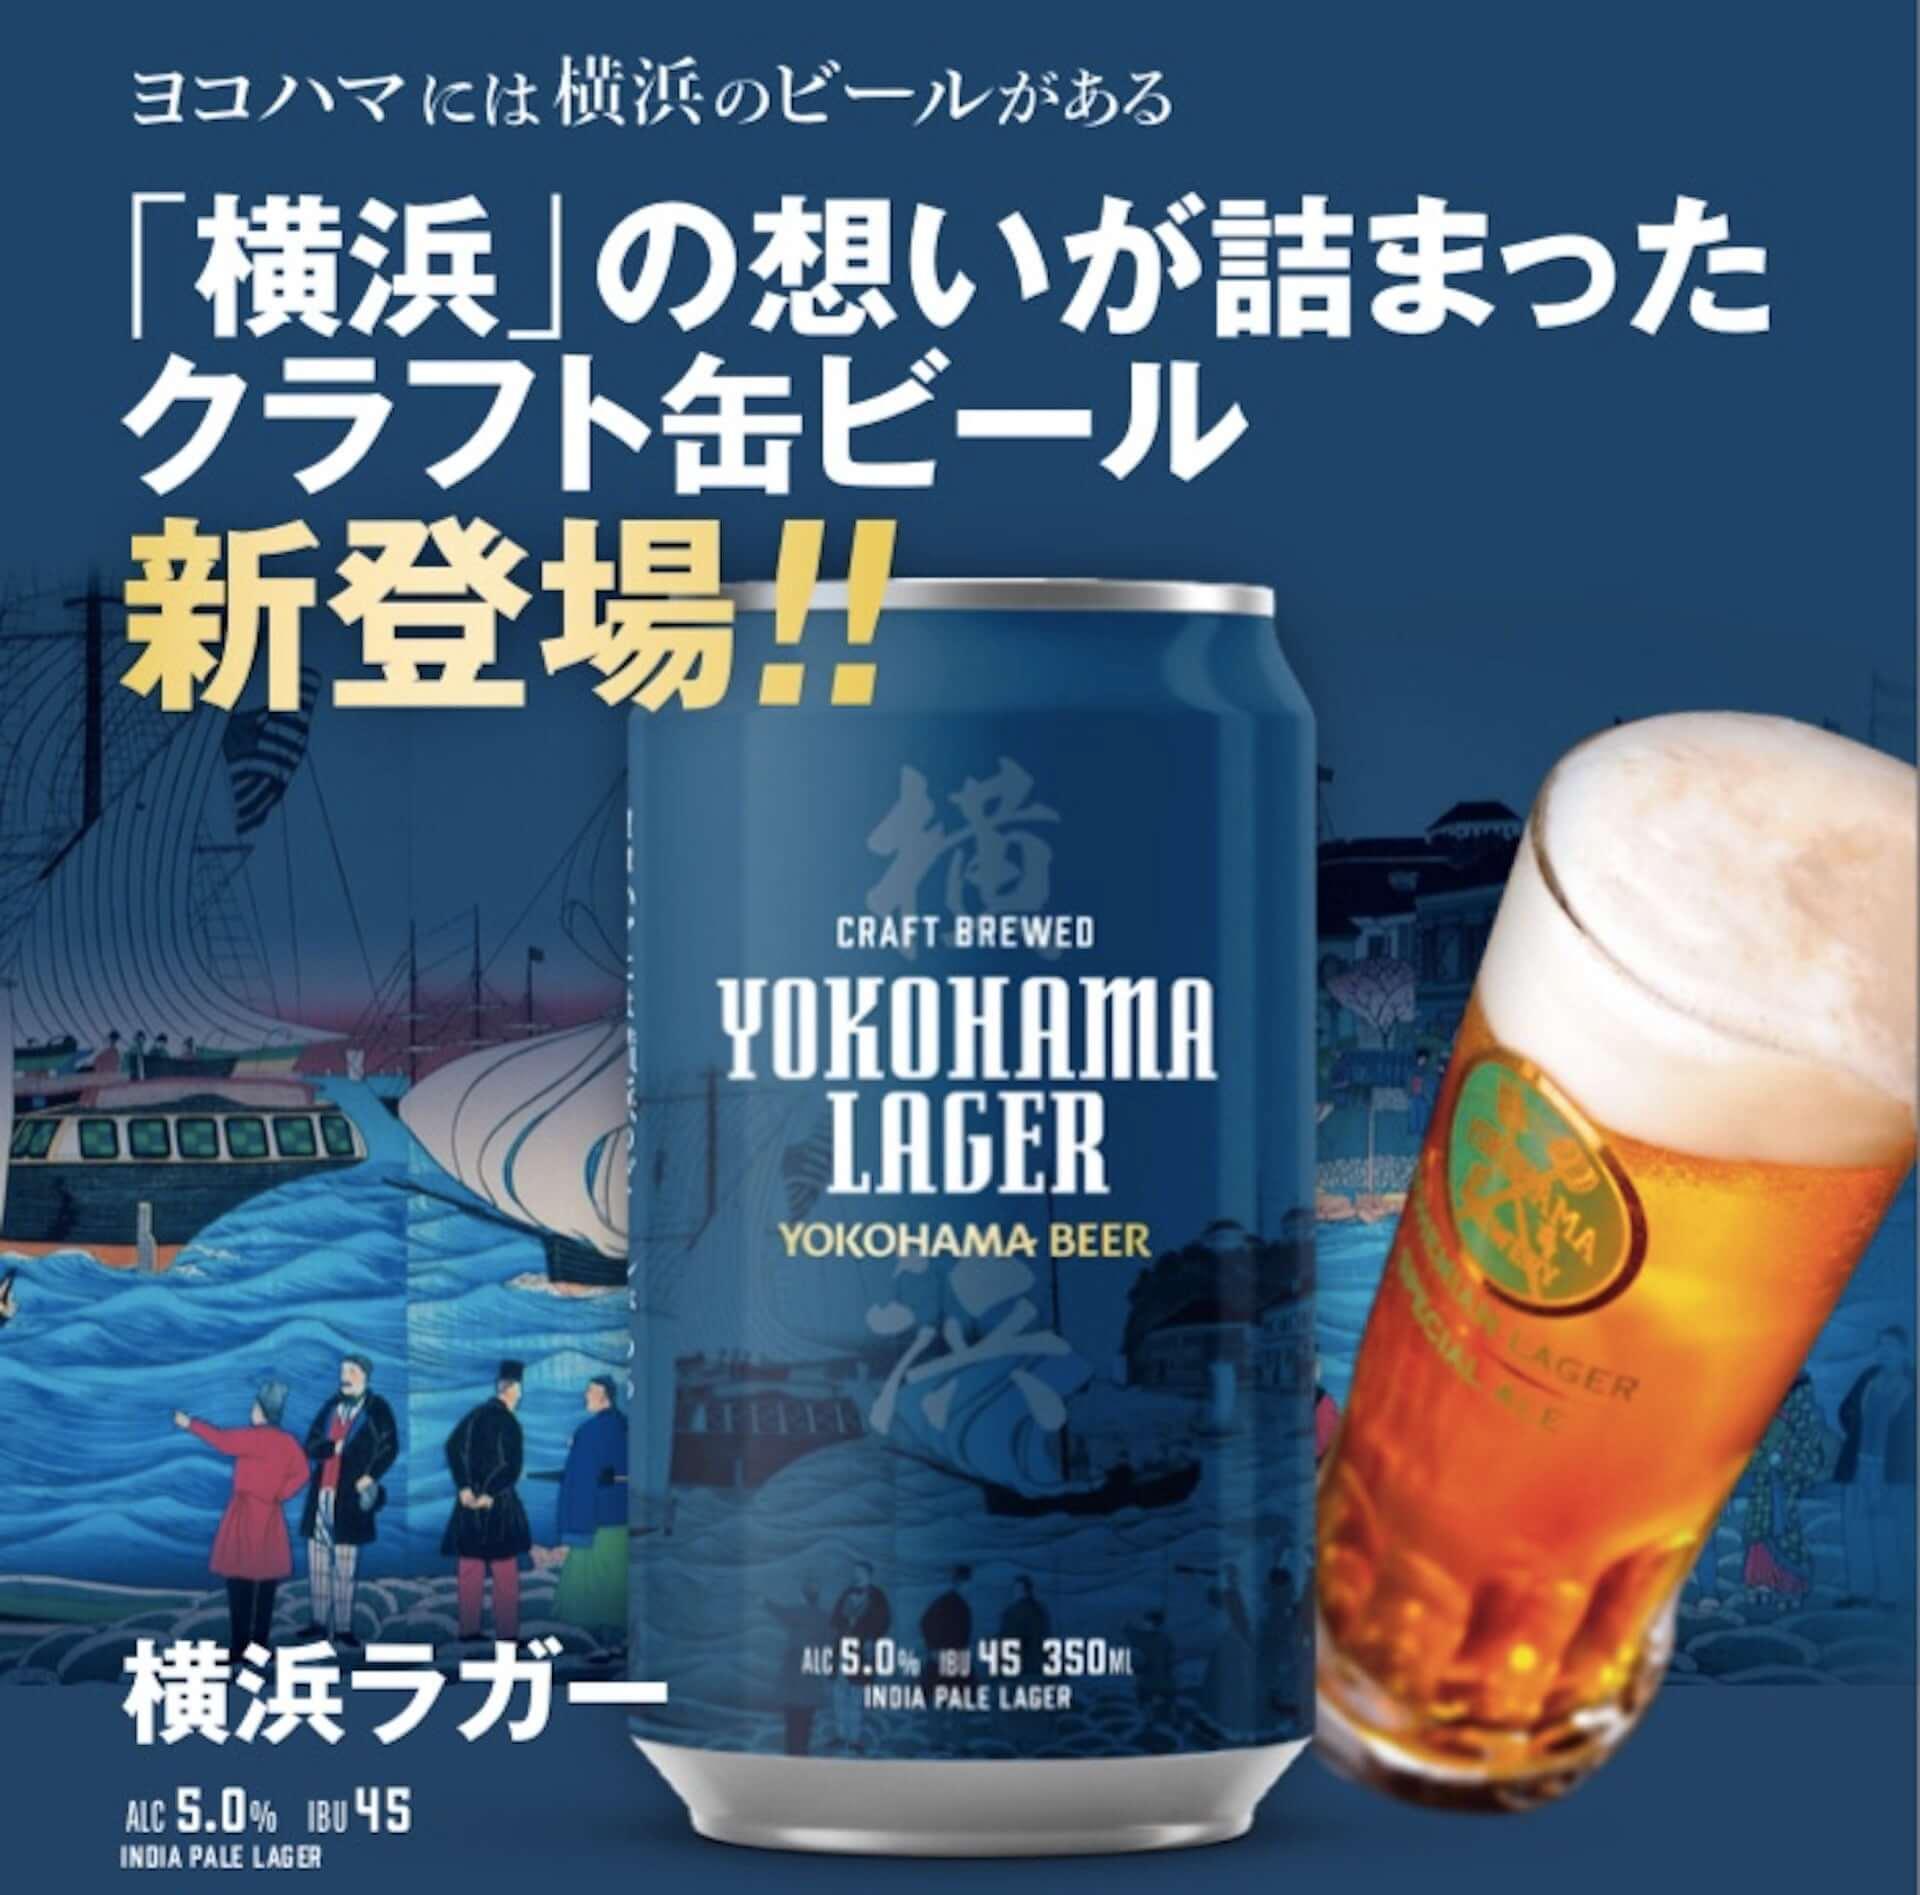 クラフトビールメーカー「横浜ビール」初の缶ビールが発売決定!オリジナルTシャツなどがもらえるSNSキャンペーンも gourmet201210_yokohamabeer_5-1920x1895